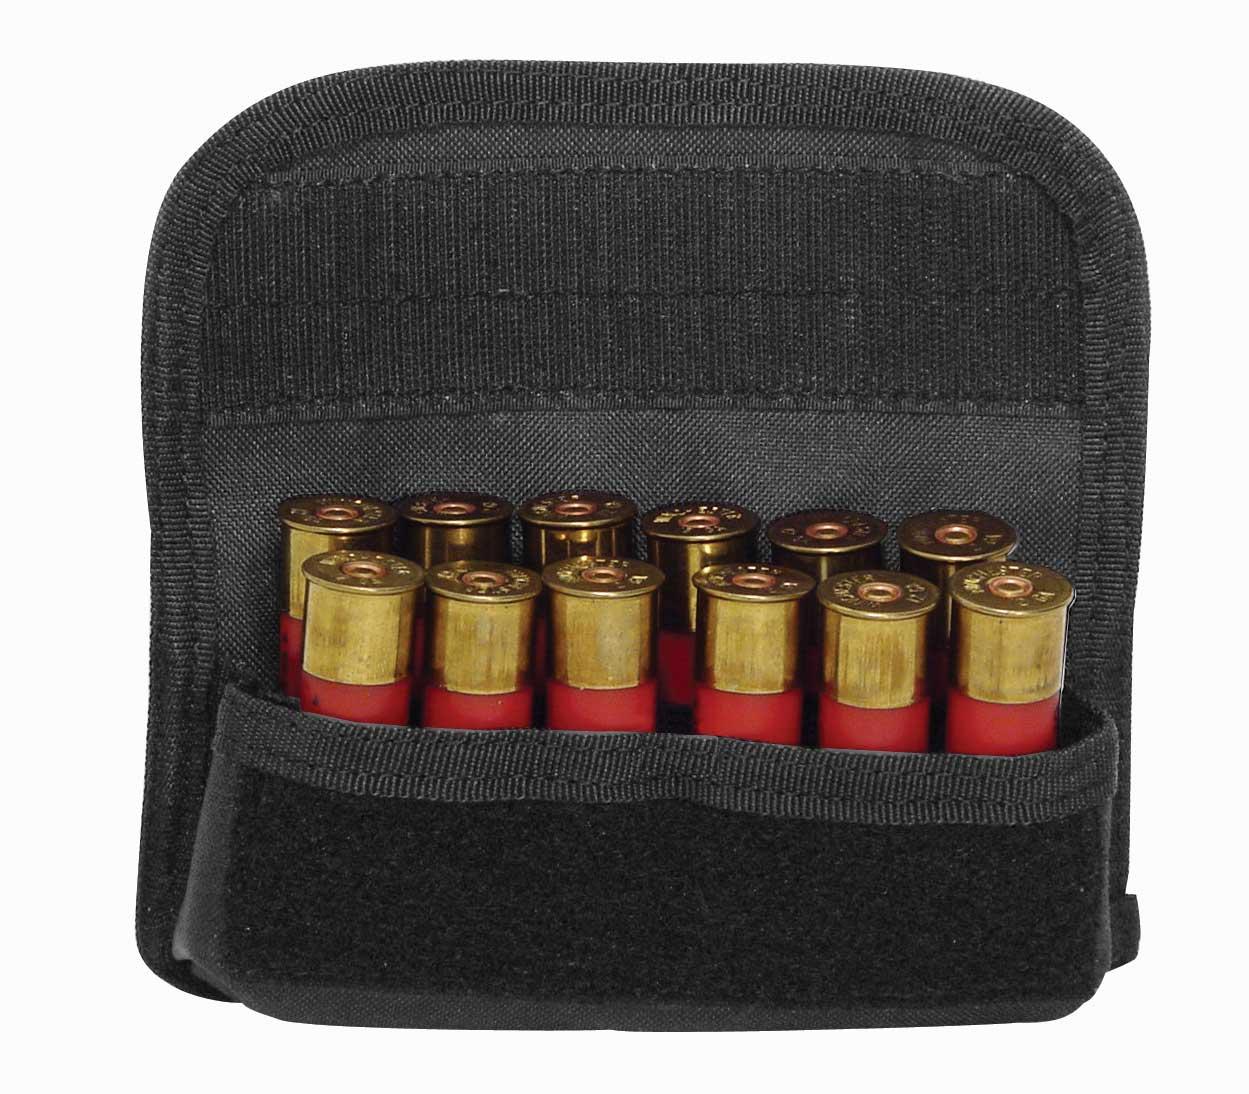 Shotgun Ammo Pouch